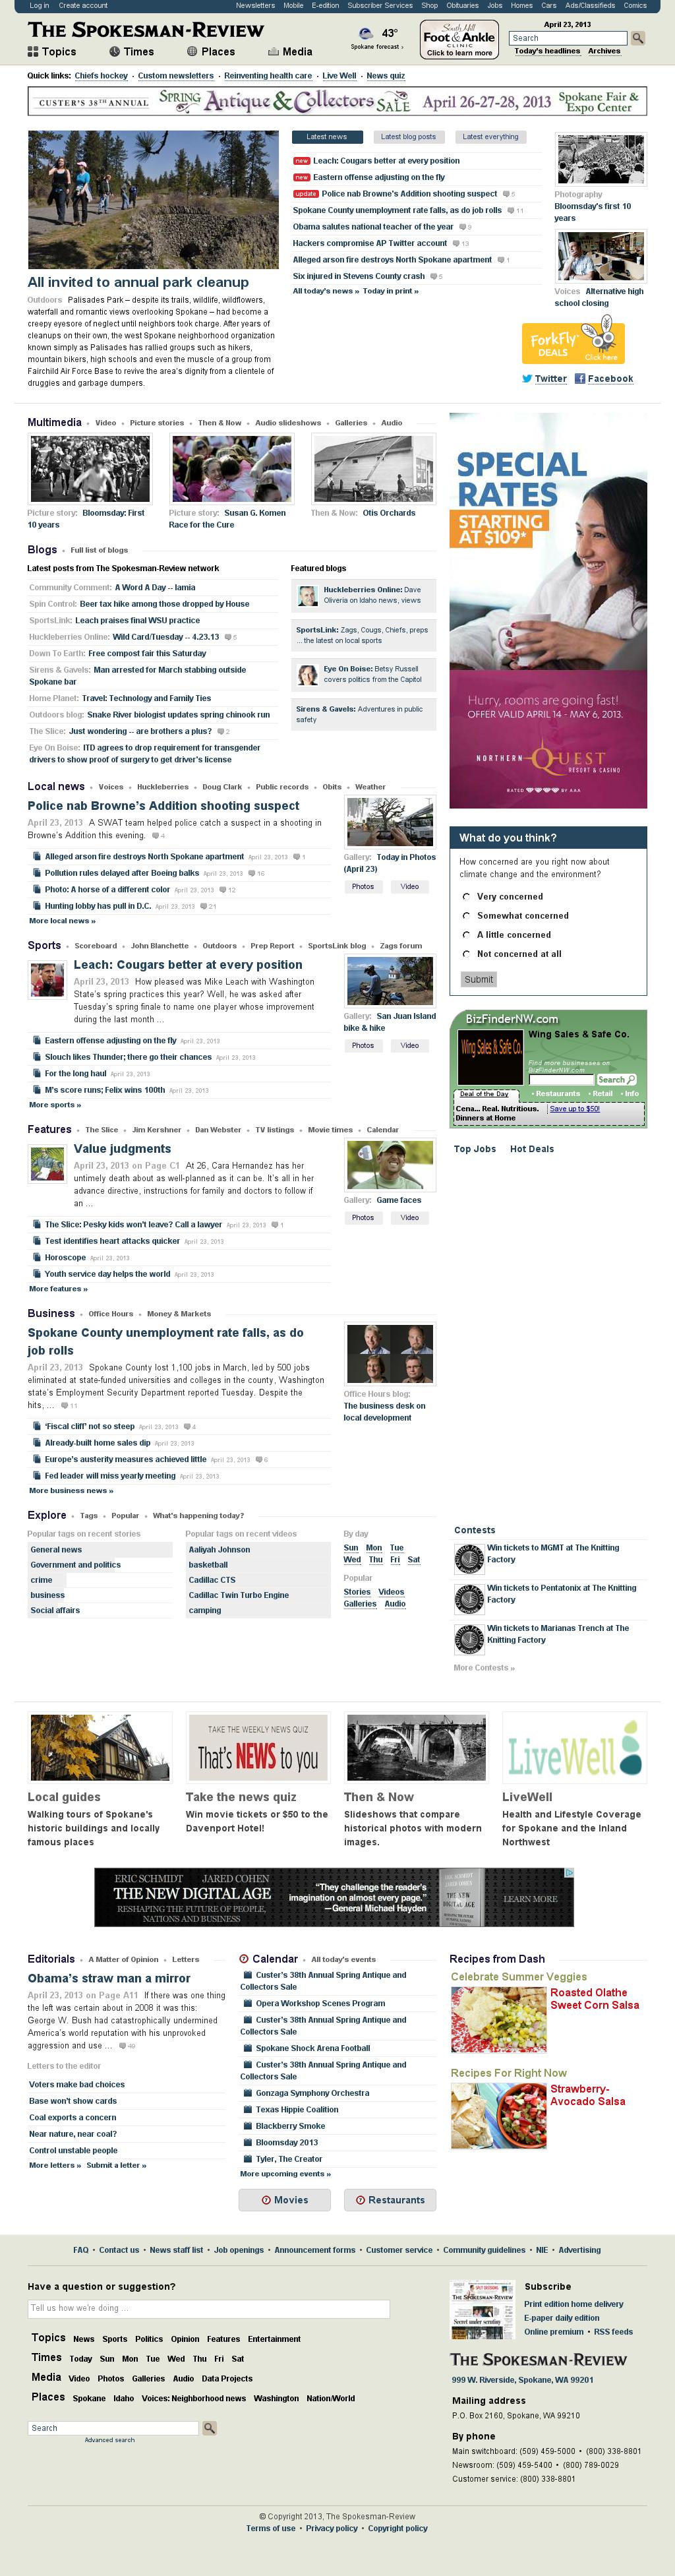 The (Spokane) Spokesman-Review at Wednesday April 24, 2013, 4:21 a.m. UTC